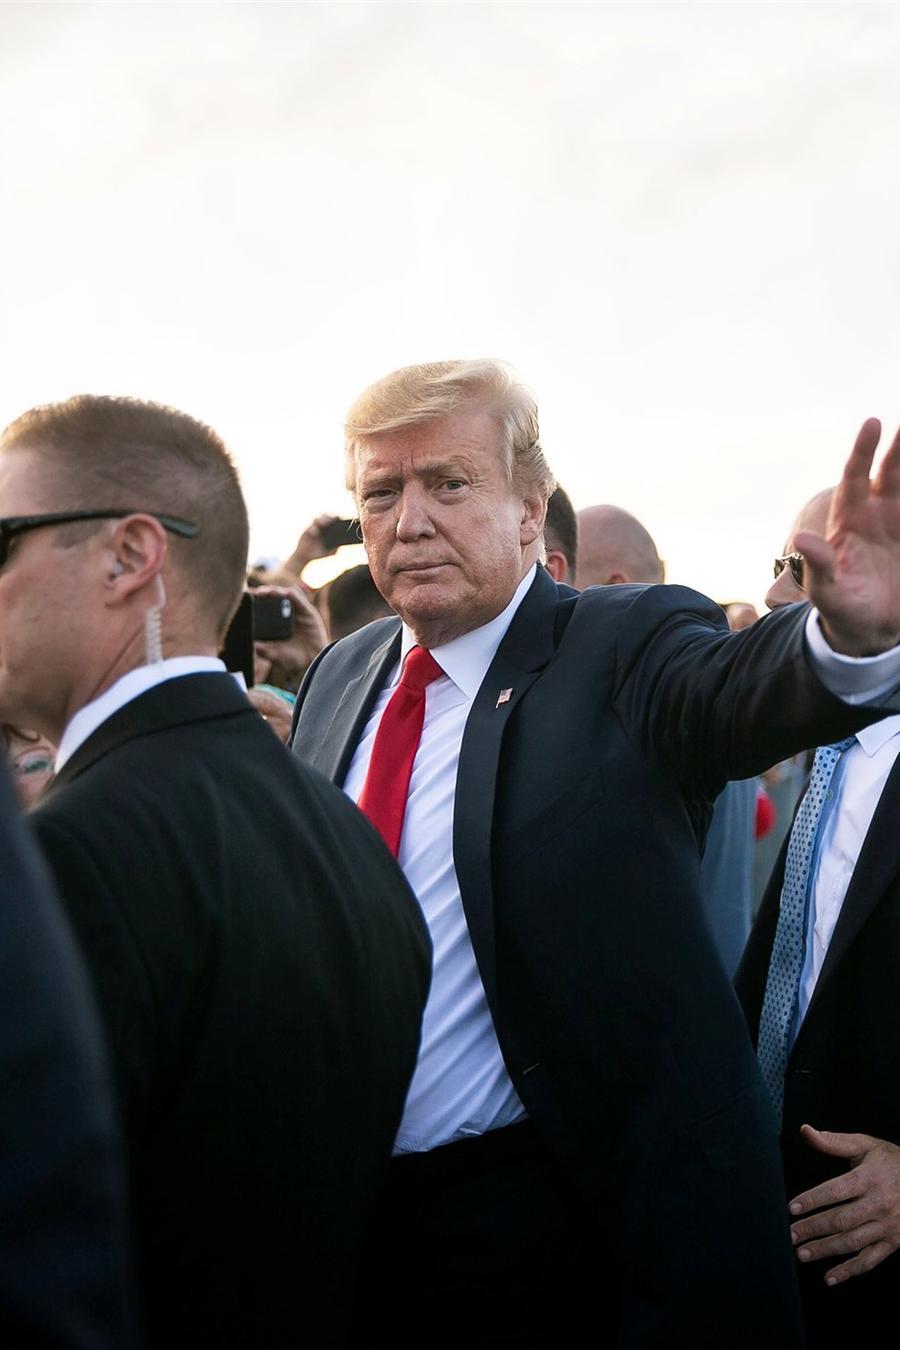 El presidente Donald Trump llega a Florida el viernes para pasar el fin de semana de Pascua en su club Mar-a-Lago. Al Drago / Reuters